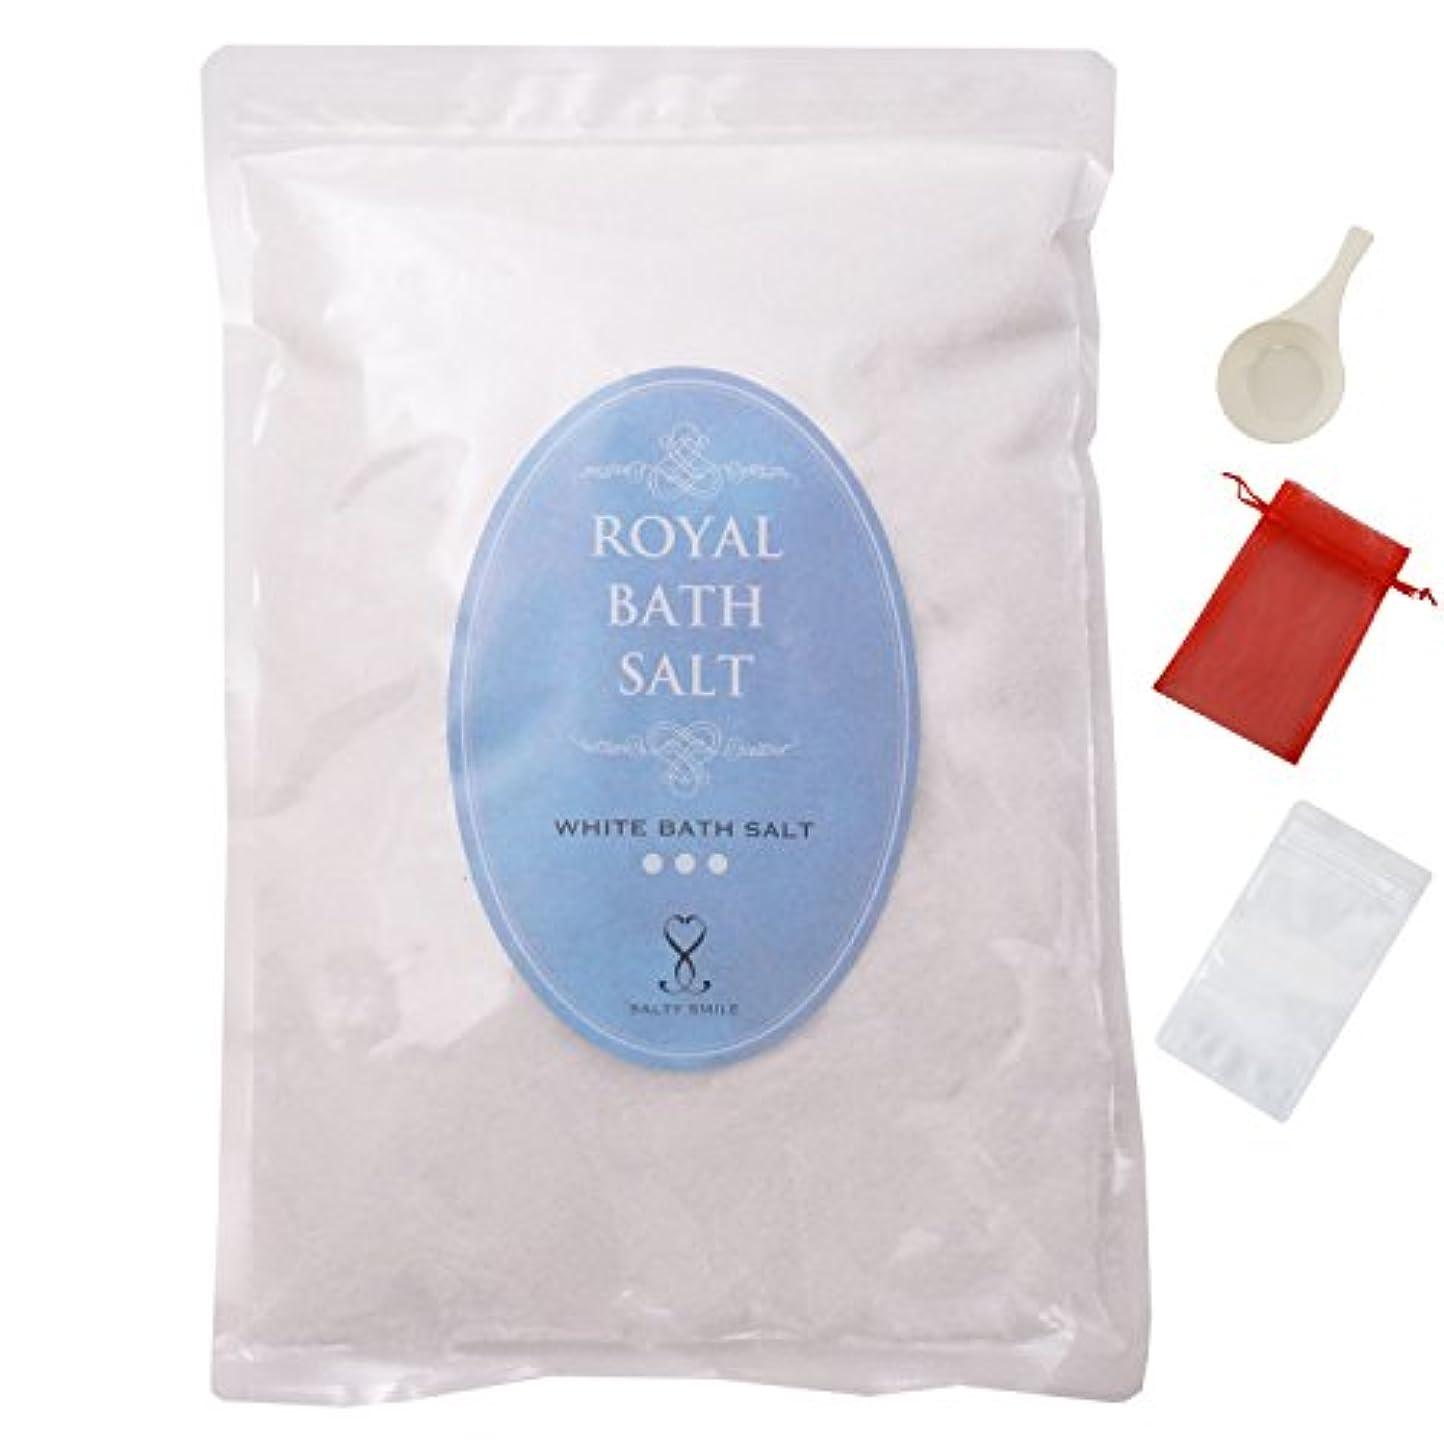 行為ではごきげんよう湿ったロイヤル バスソルト ヒマラヤ岩塩 クリスタル ホワイト パウダー 細粒 ROYAL BATH SALT (1,000g【1㎏】)